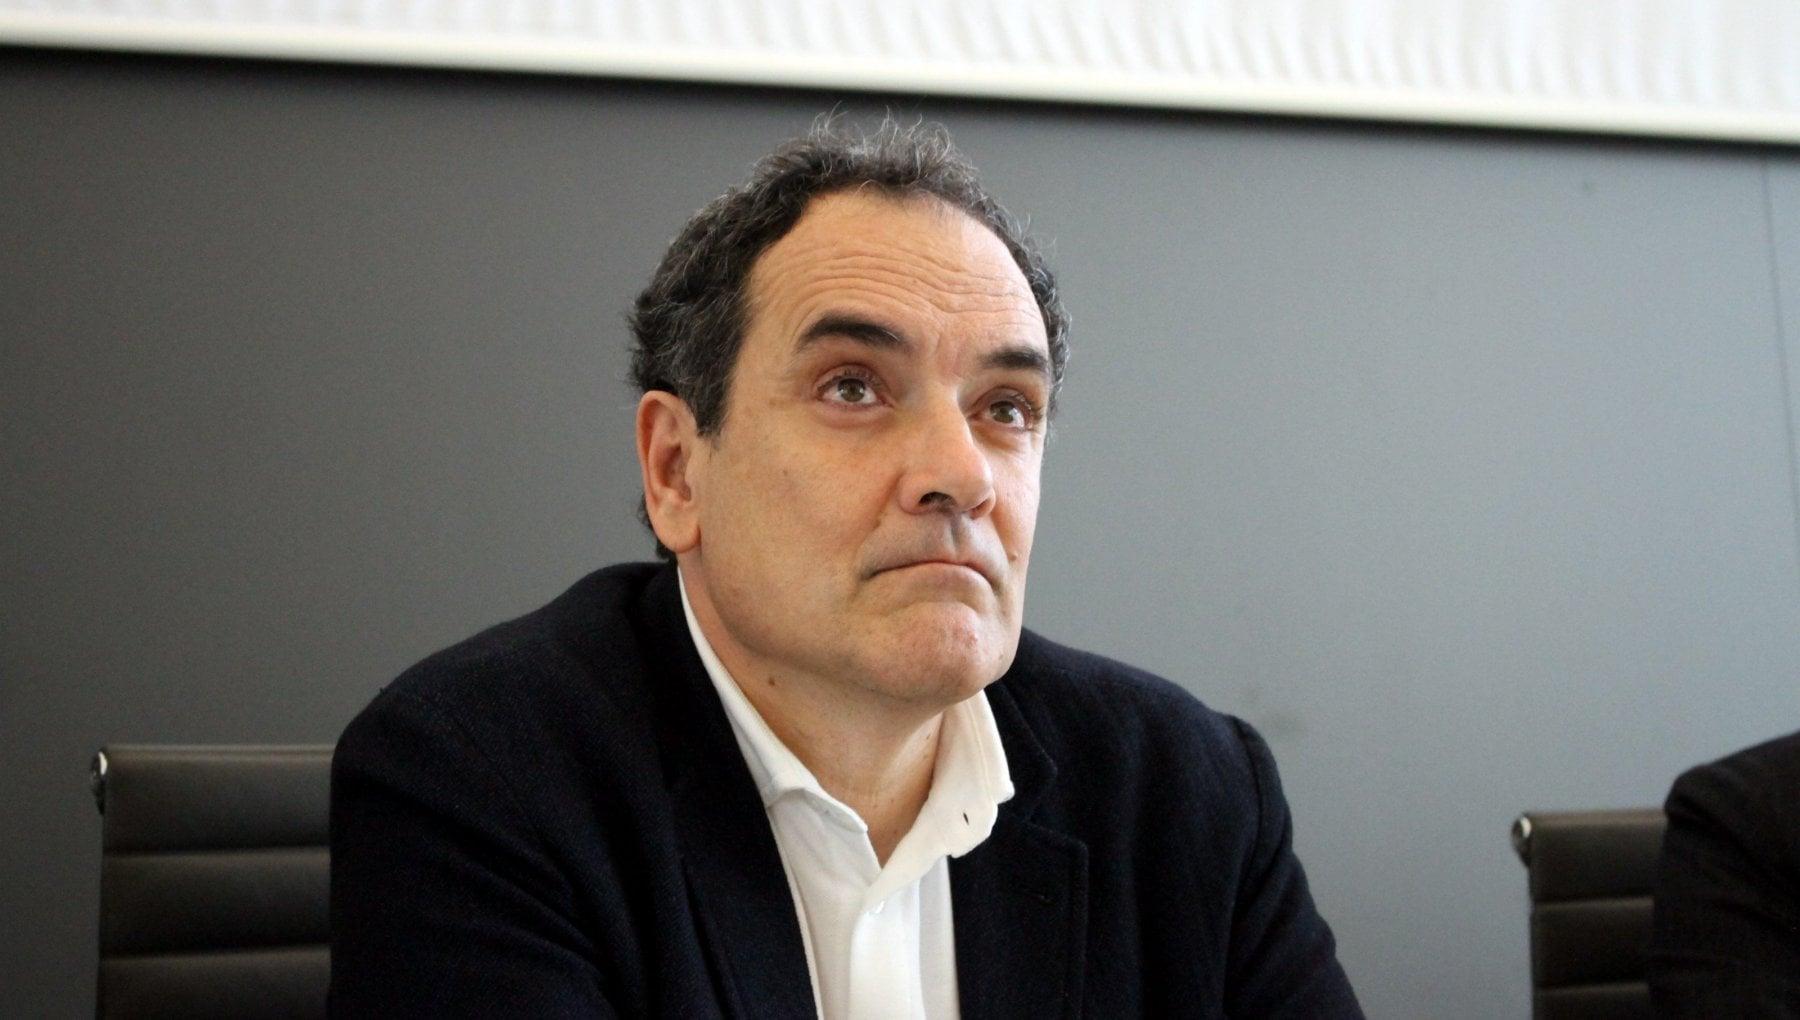 Decreto sicurezza Mirabelli Pd Casellati ha una visione interventista del suo ruolo. Ma la Lega non ci fermera